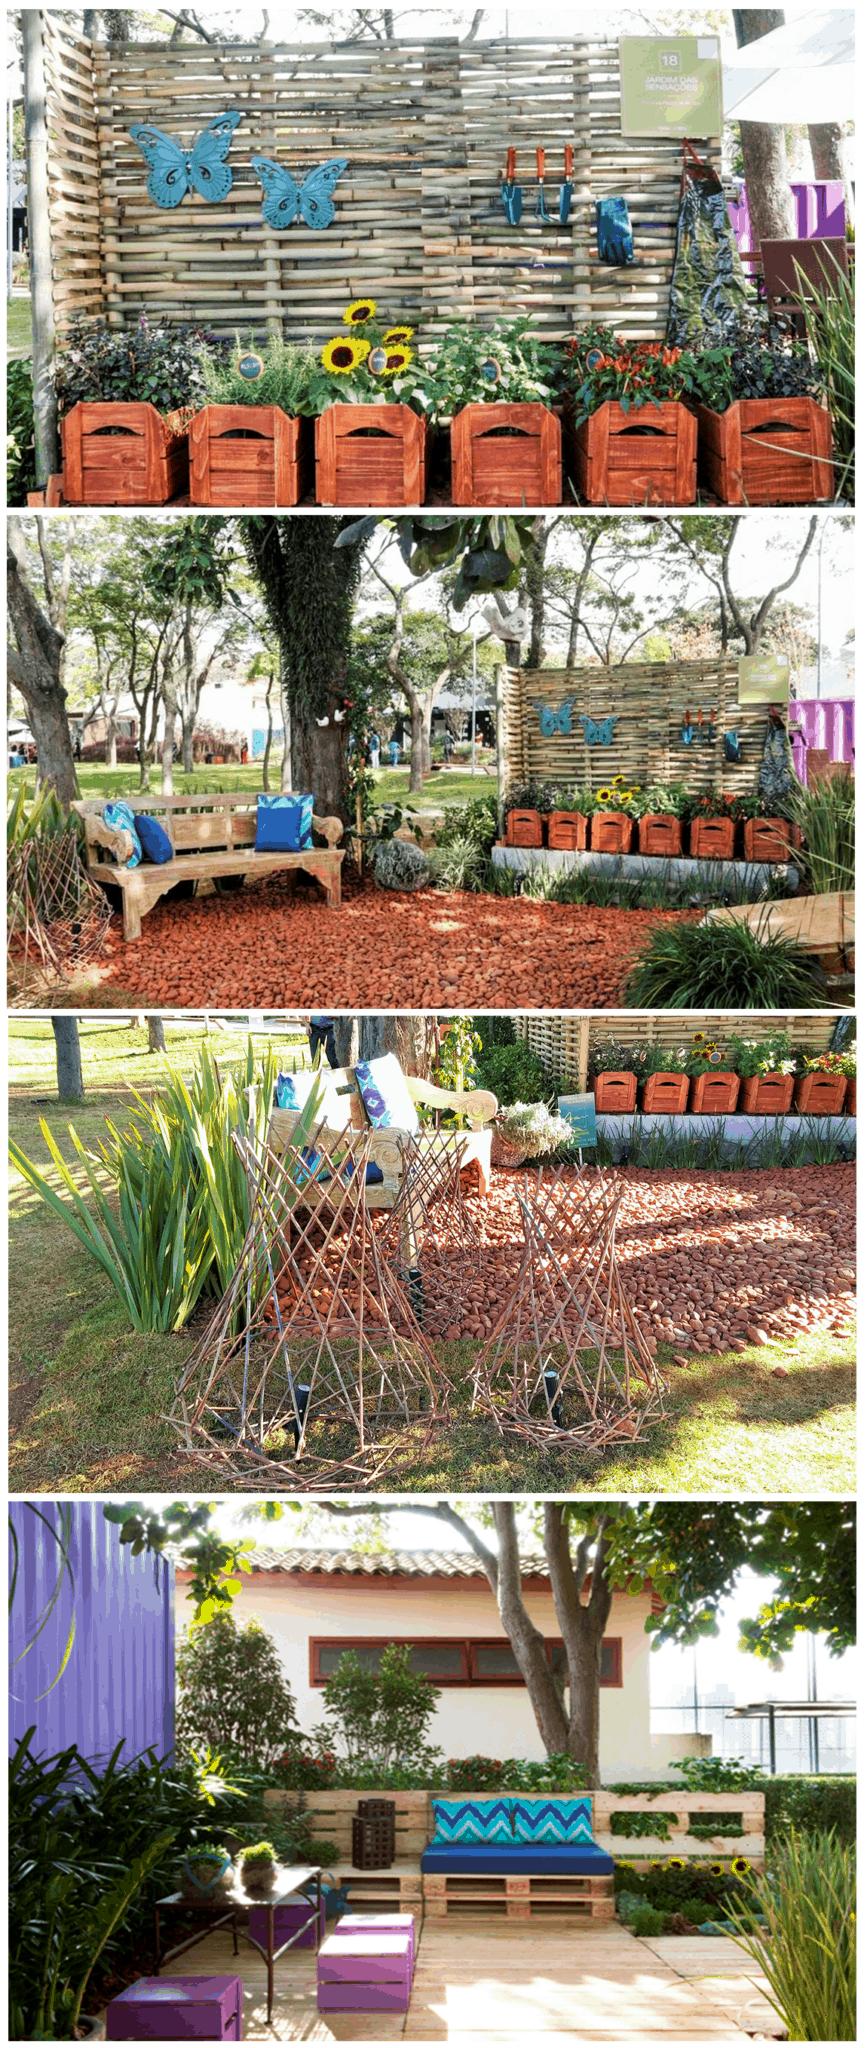 jardim-das-sensacoes-casa-cor-decorar-com-charme